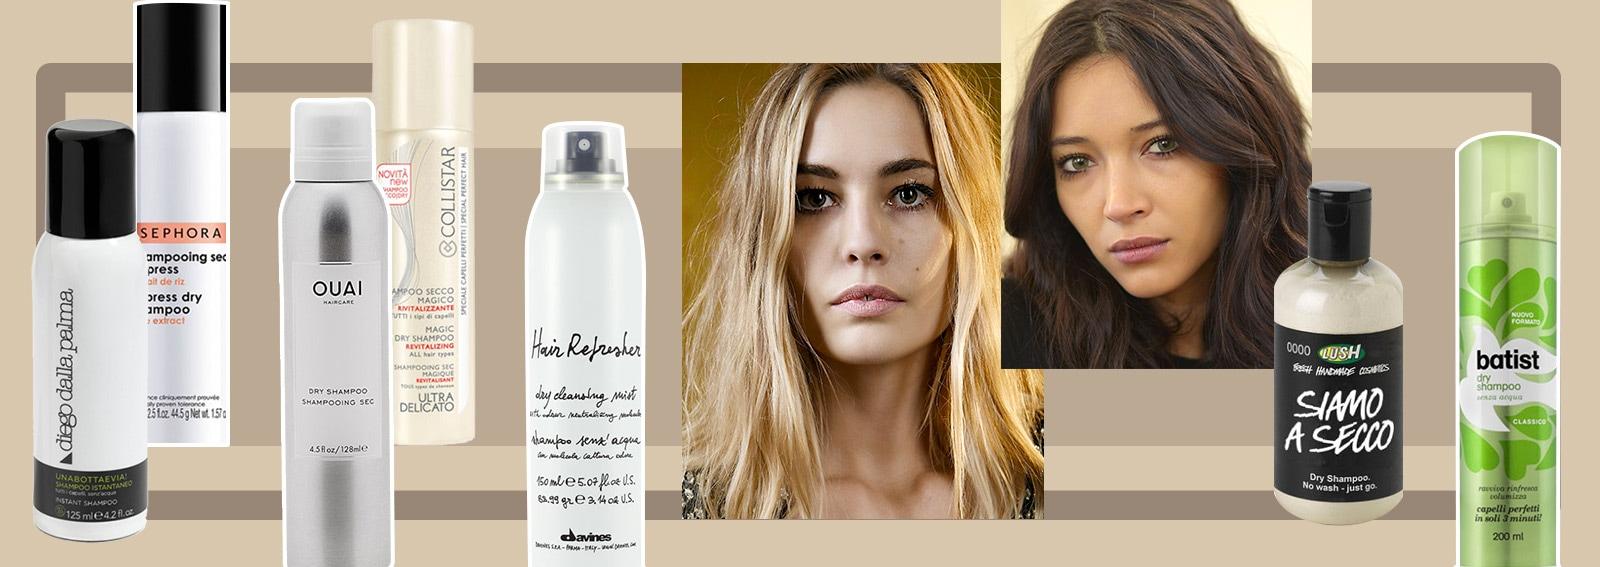 shampoo secco cosa e come si usa i migliori klorane garnier batist collage_desktop